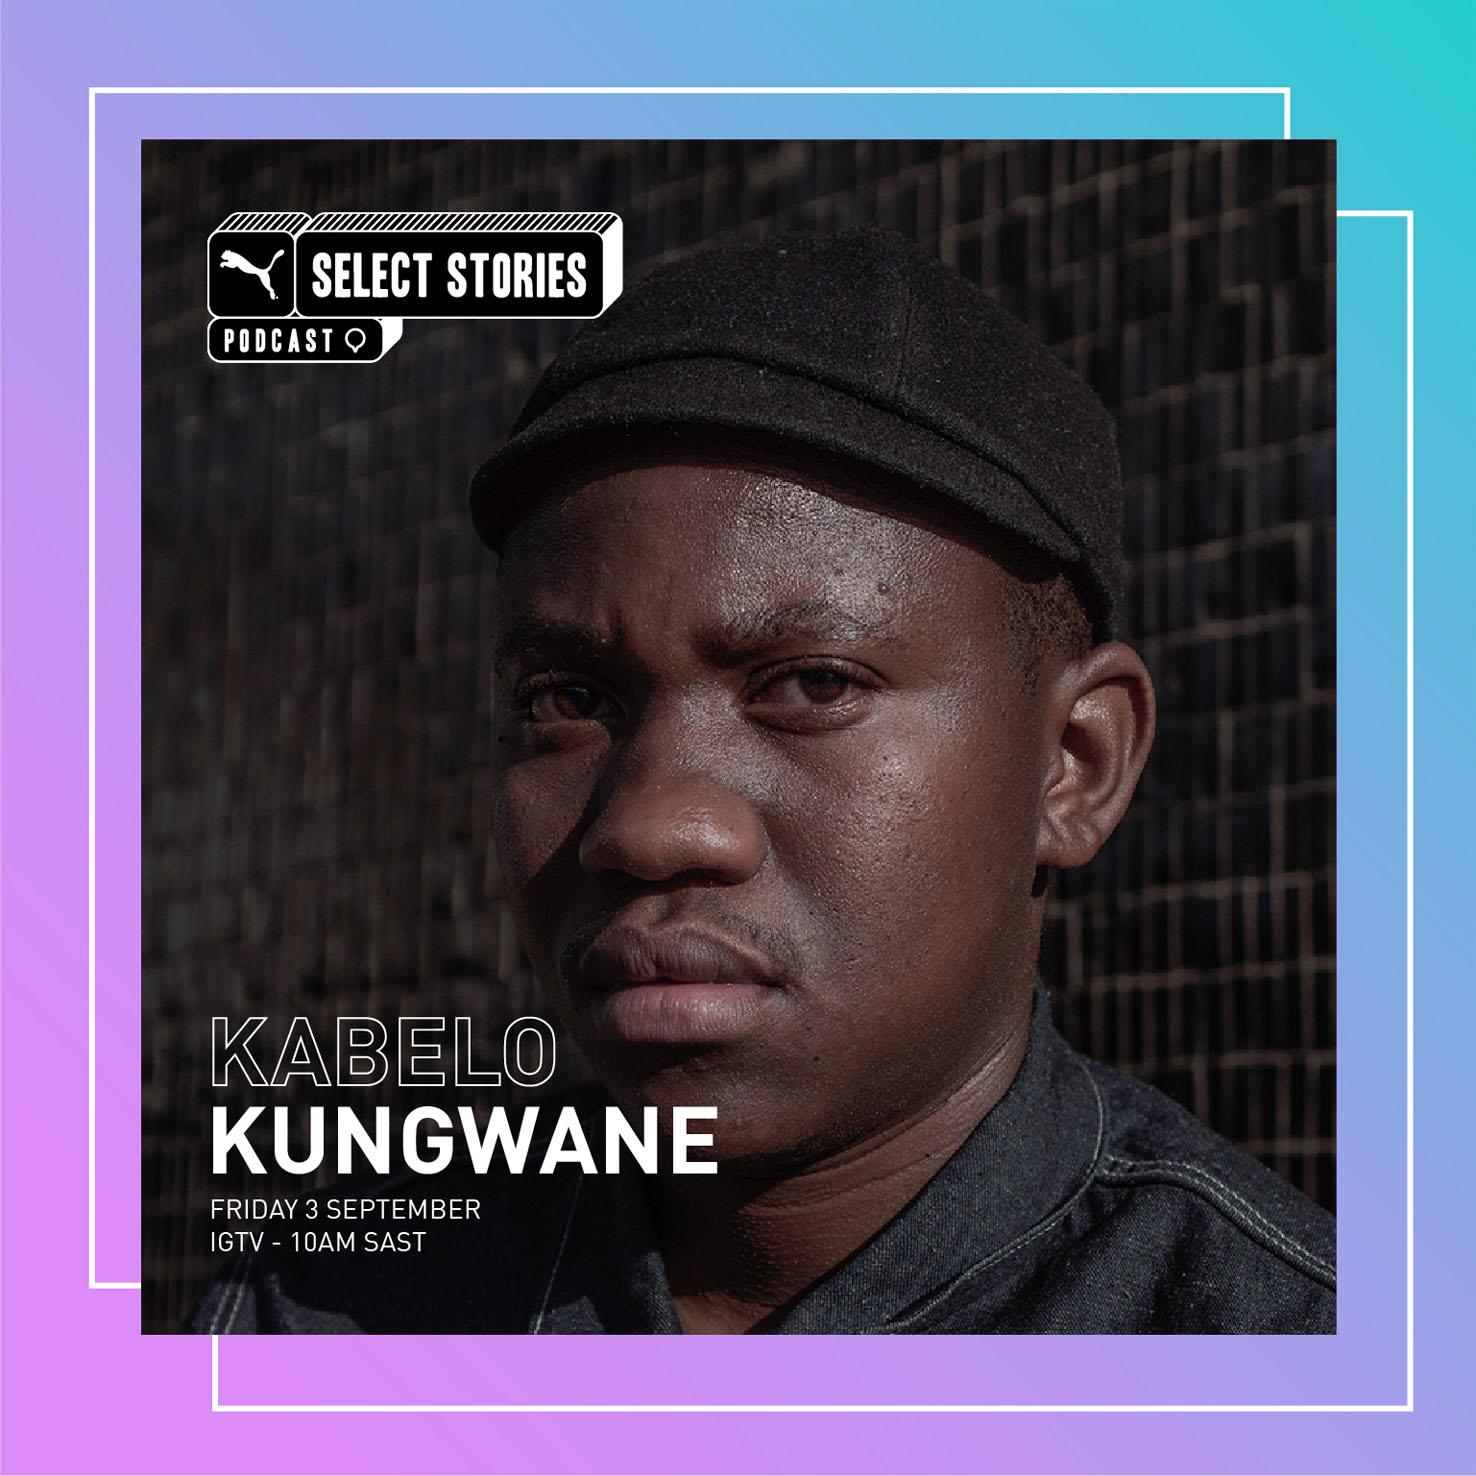 Kabelo Kungwane on PUMA Select Stories